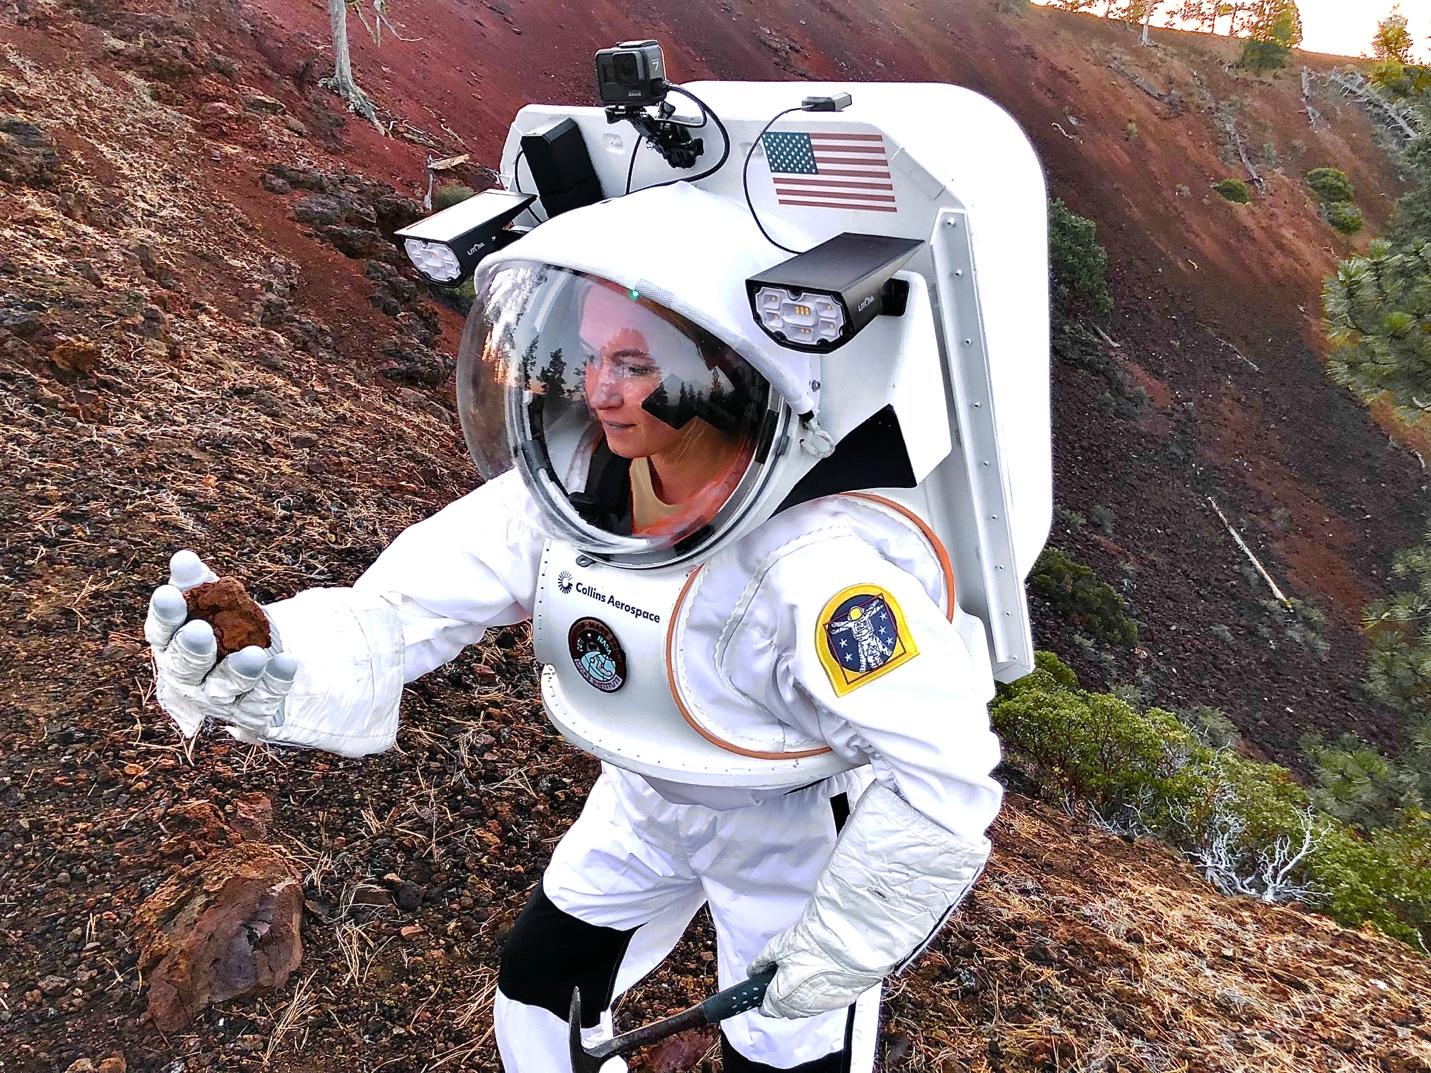 spacesuit engineer Ashley Himmelmann